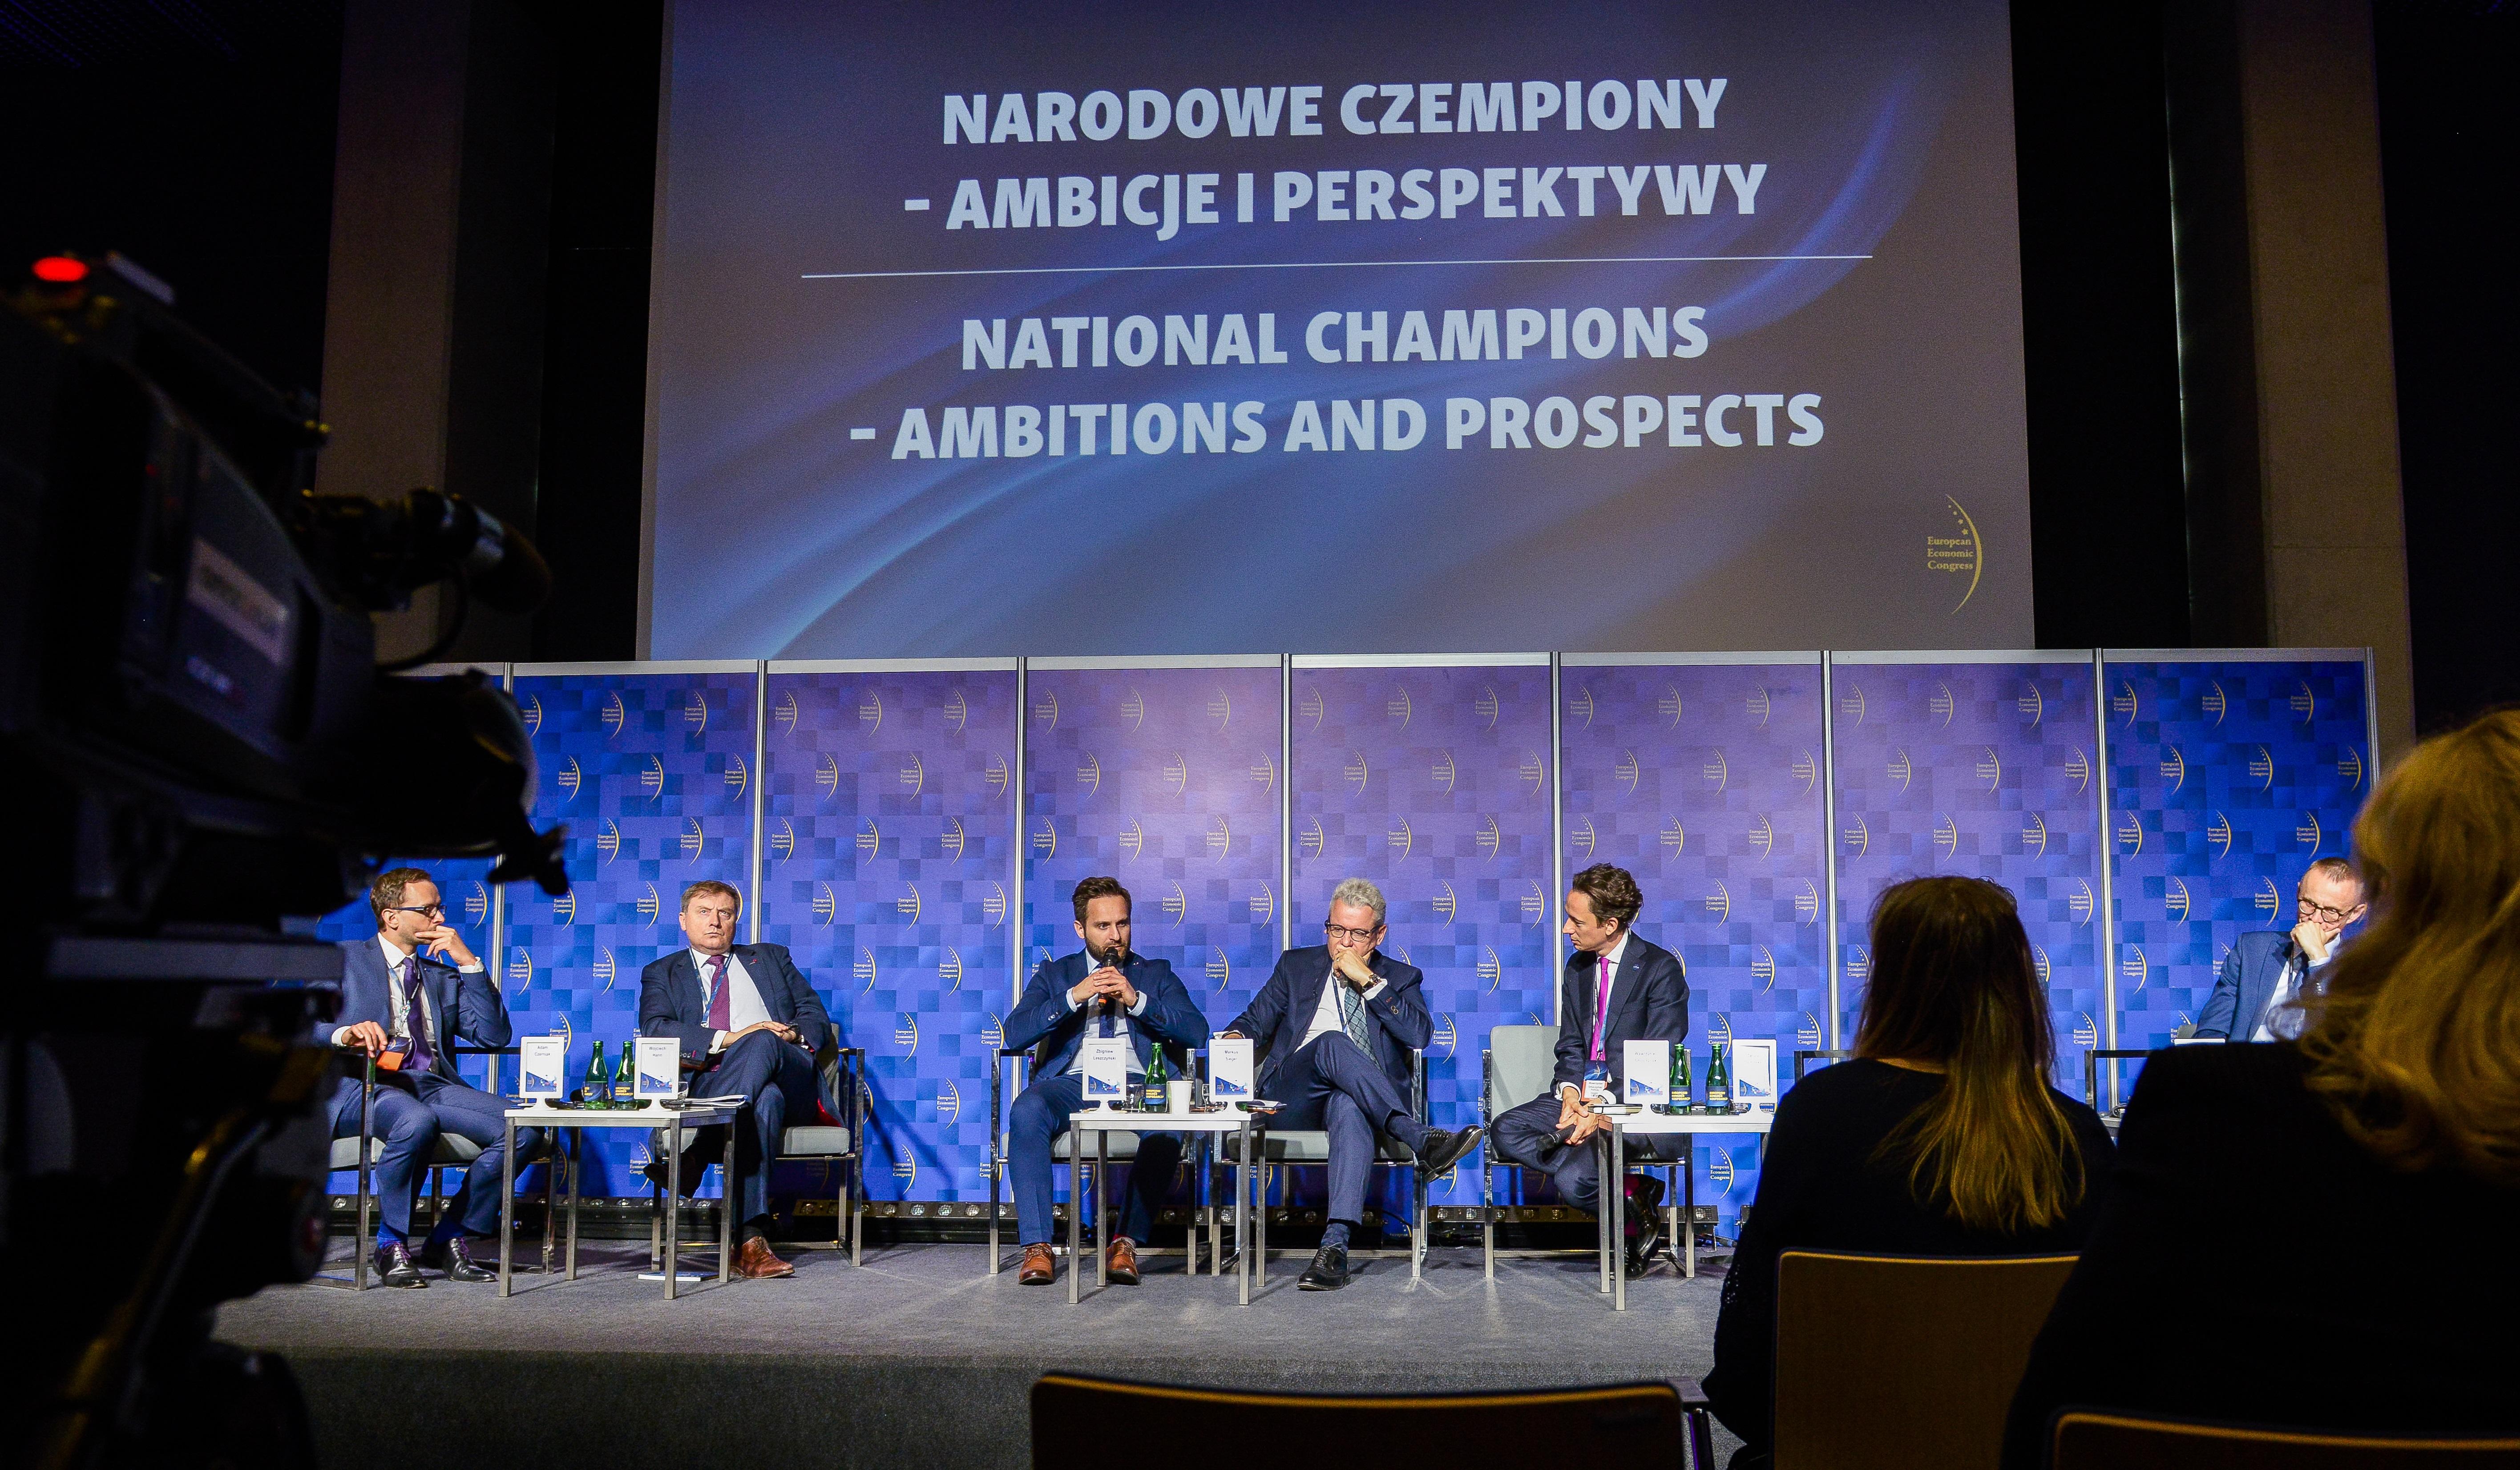 Narodowe czempiony – ambicje i perspektywy